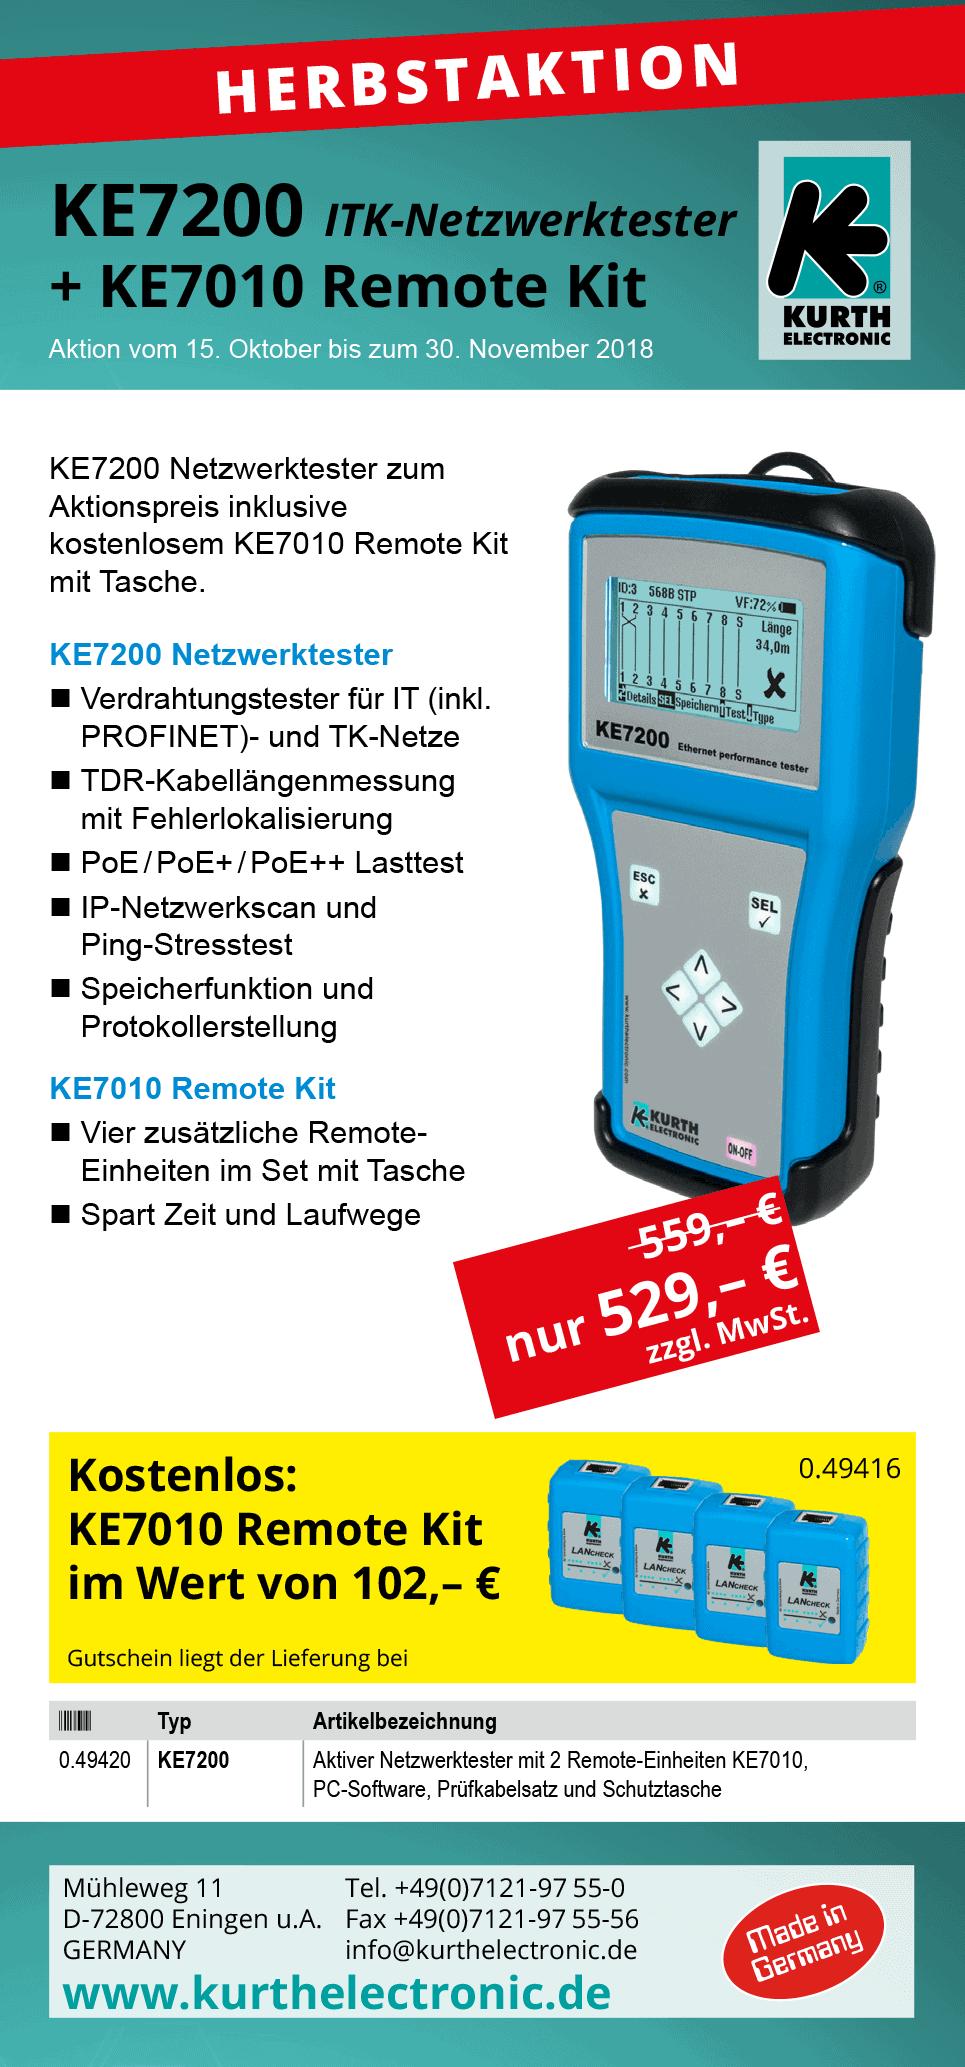 KE7200 ITK-Netzwerktester Herbstaktion